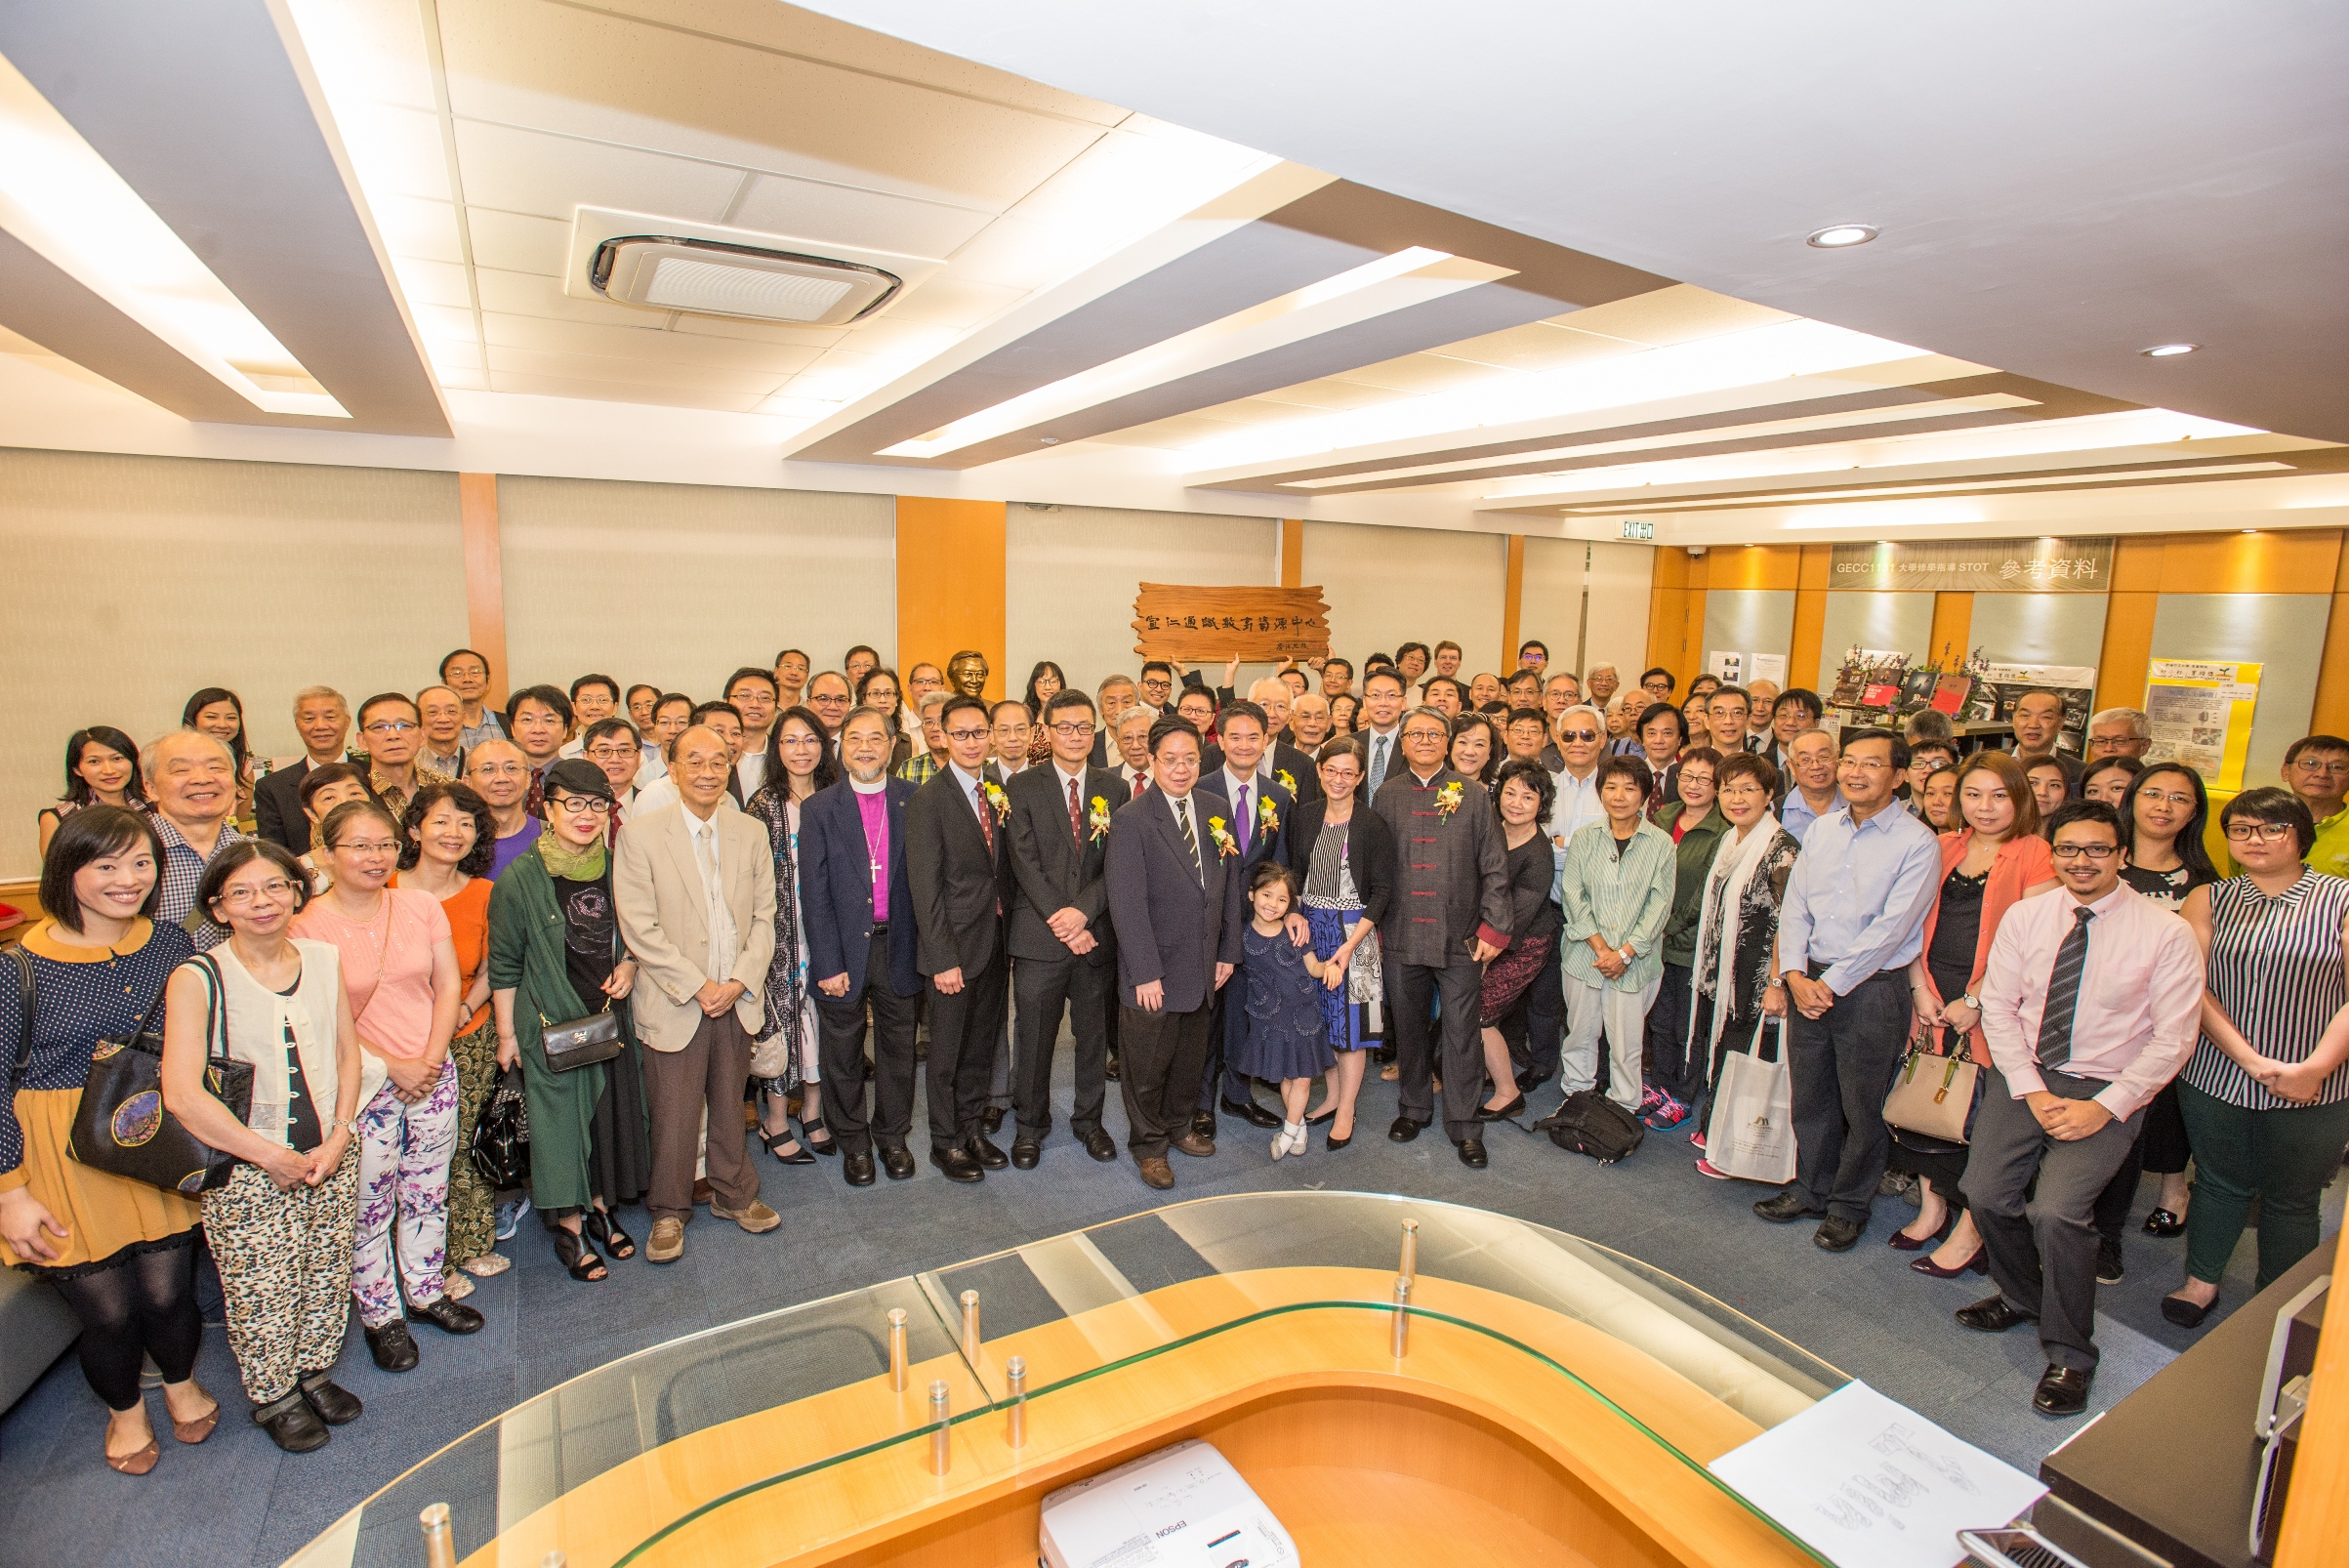 參加「沈宣仁教授銅像揭幕暨宣仁通識教育資源中心命名典禮」的一眾嘉賓合照。